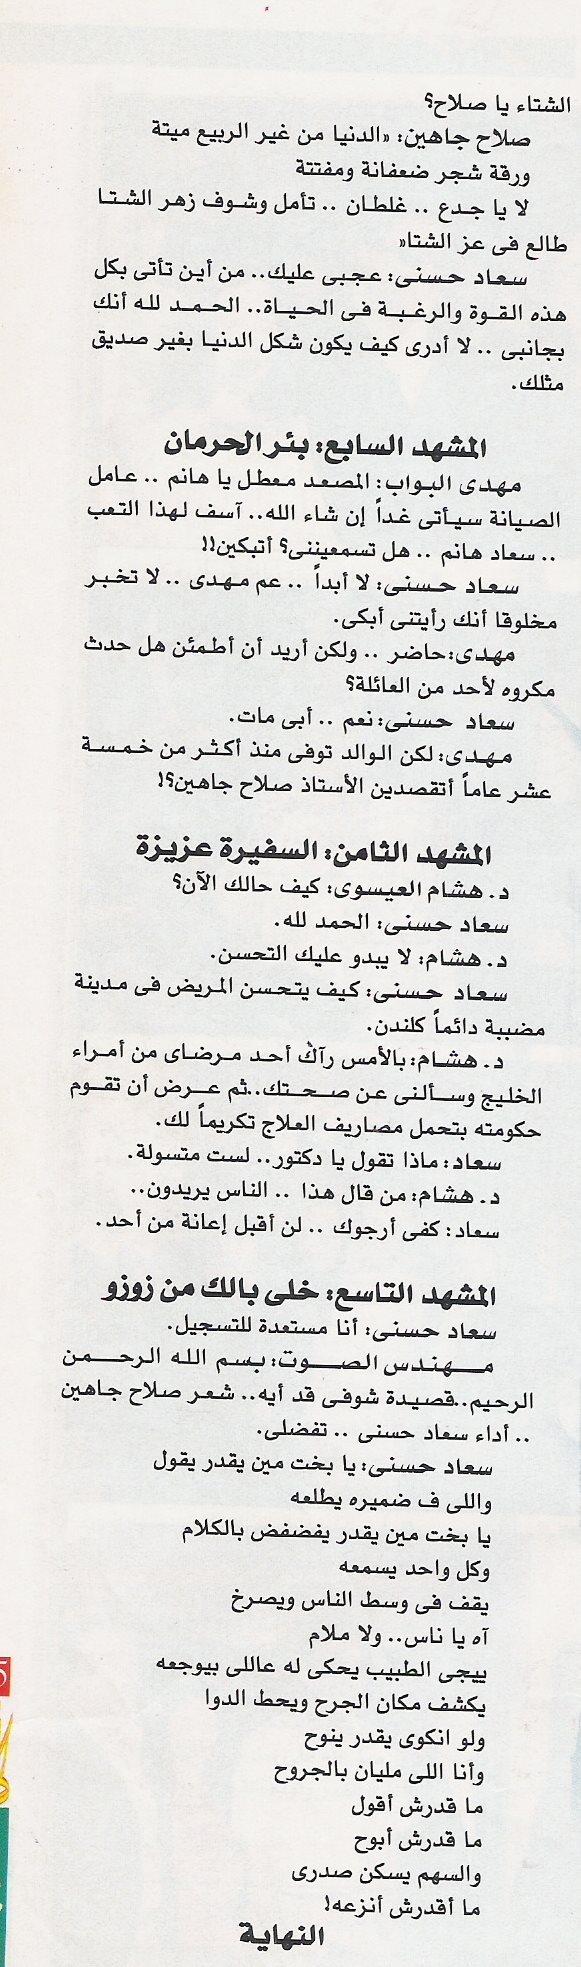 مقال صحفي : سعاد حسني في مشاهد .. قصة من تأليف محمد بهجت 2009 م (؟) م 624